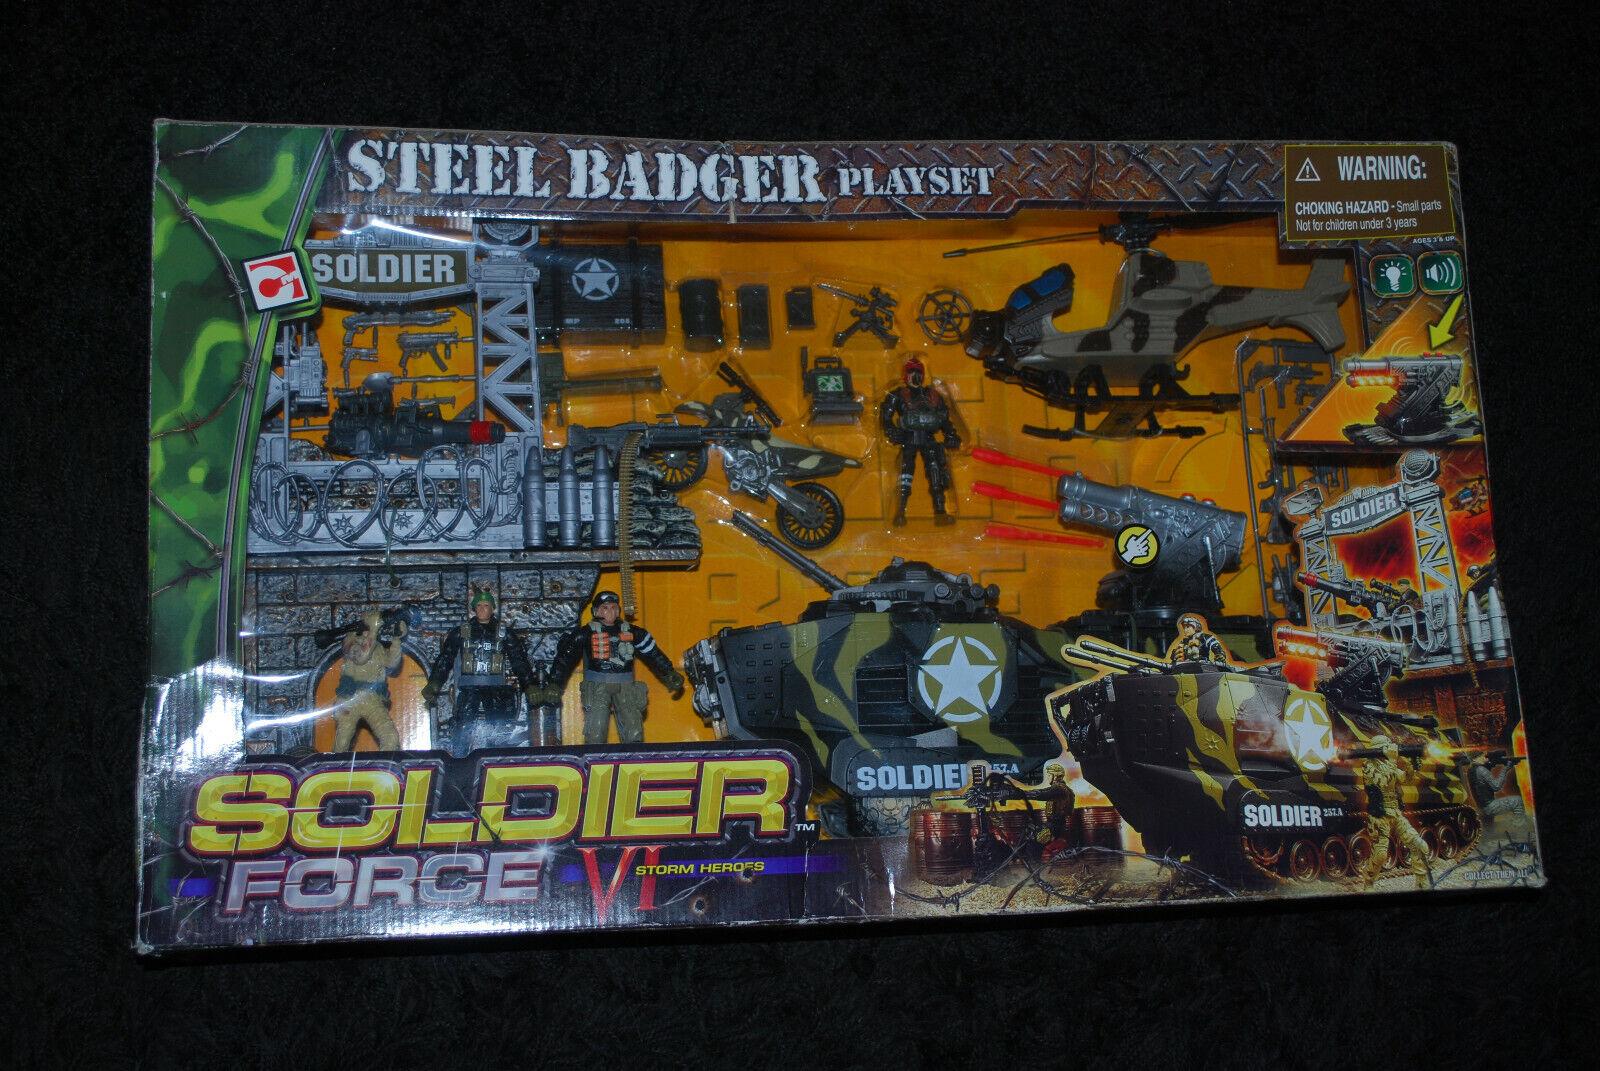 Soldier Force VI - Storm Heroes - Steel Badger Interactive Playset - Rare & OOP